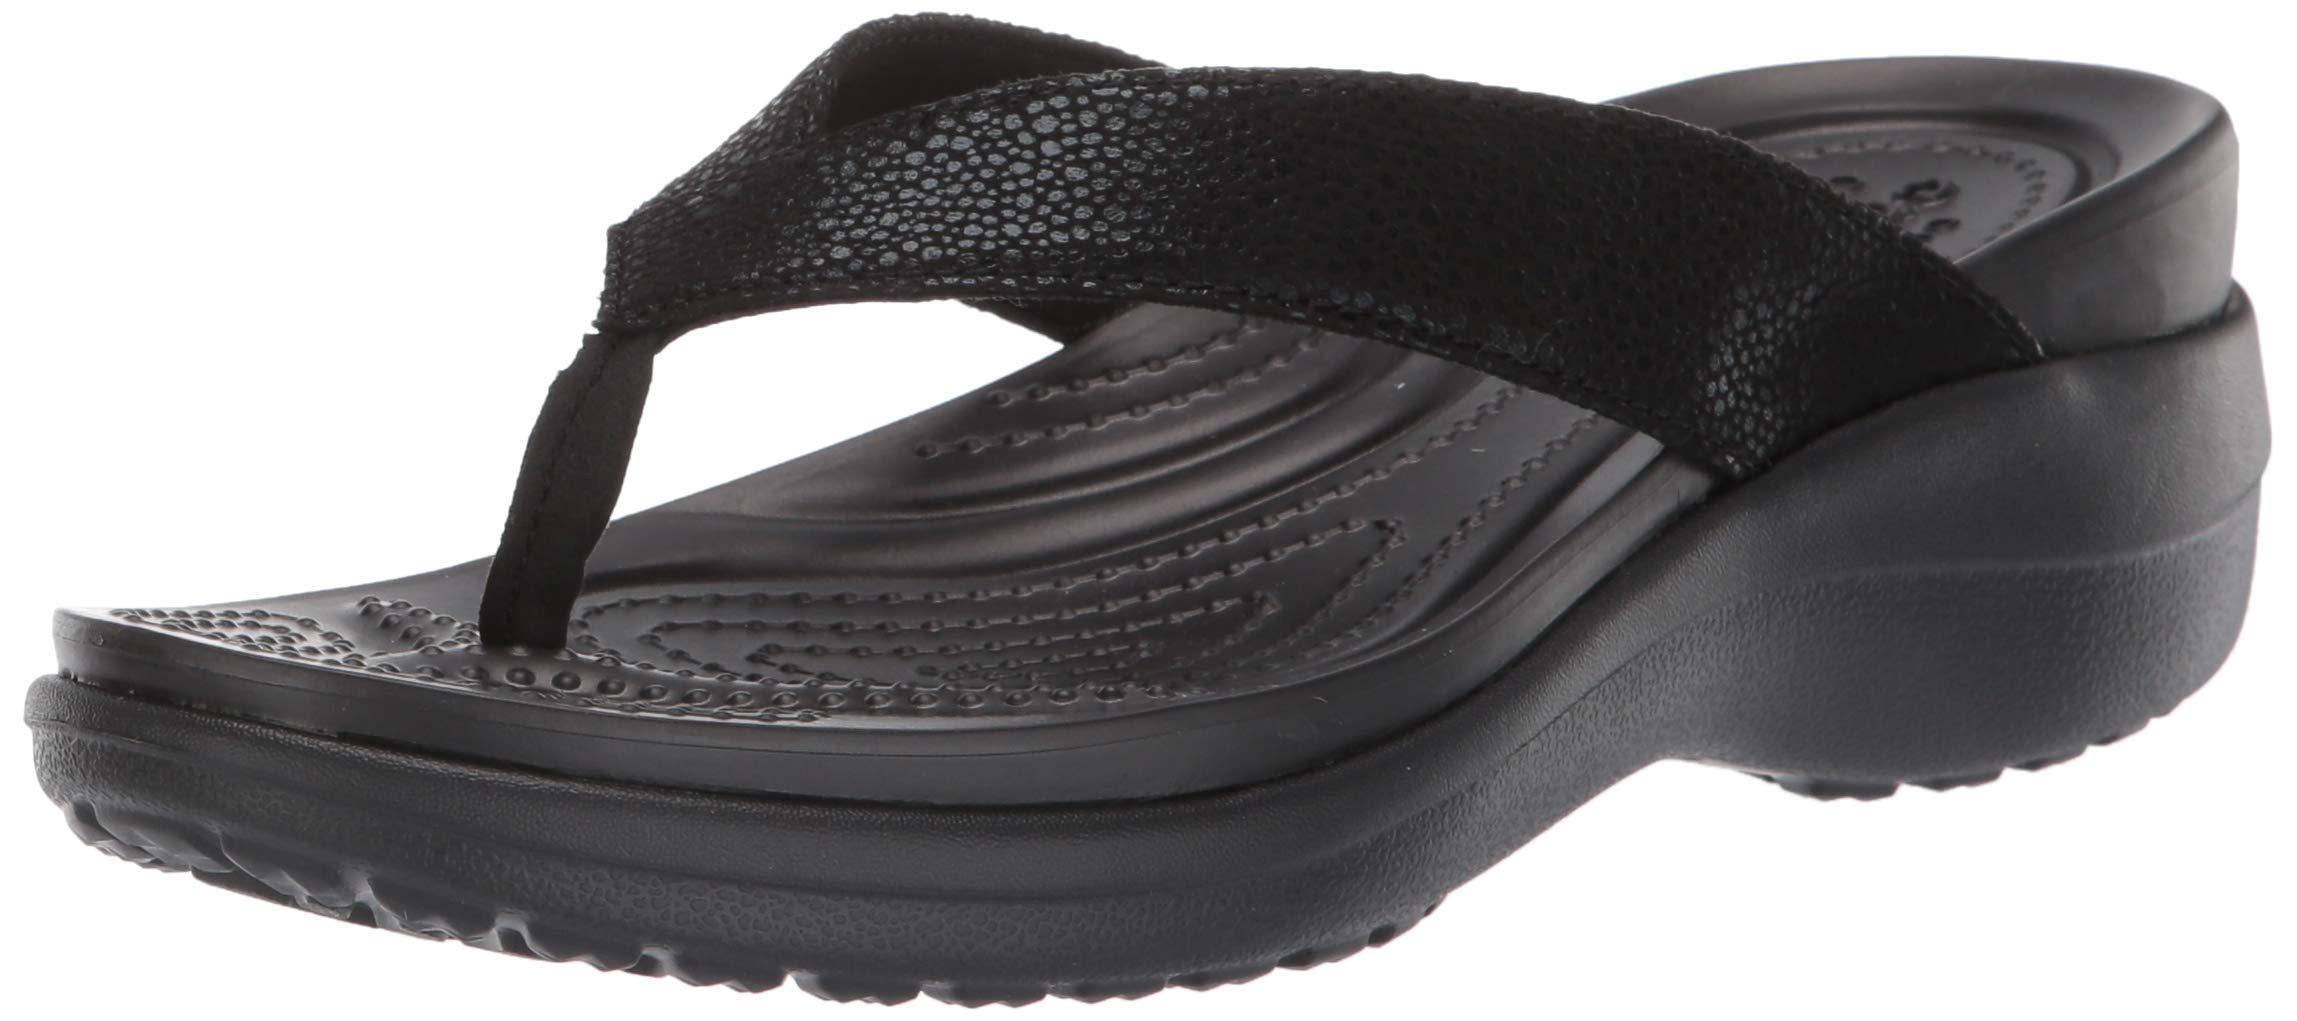 Crocs Women's Capri MetallicText Wedge Flip Flop Black, 7 M US by Crocs